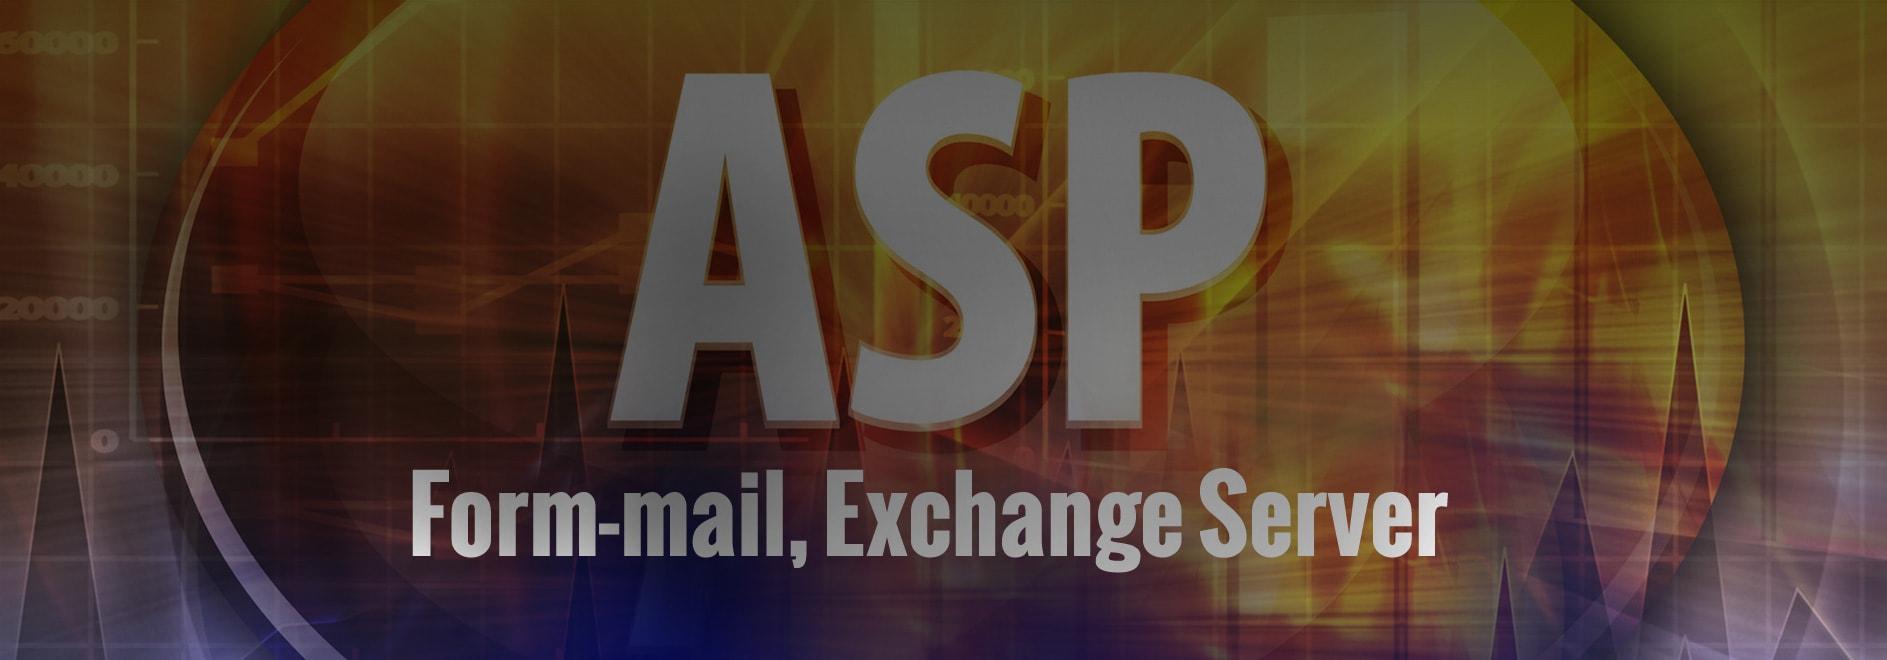 ASP Mail Form Exchange Server